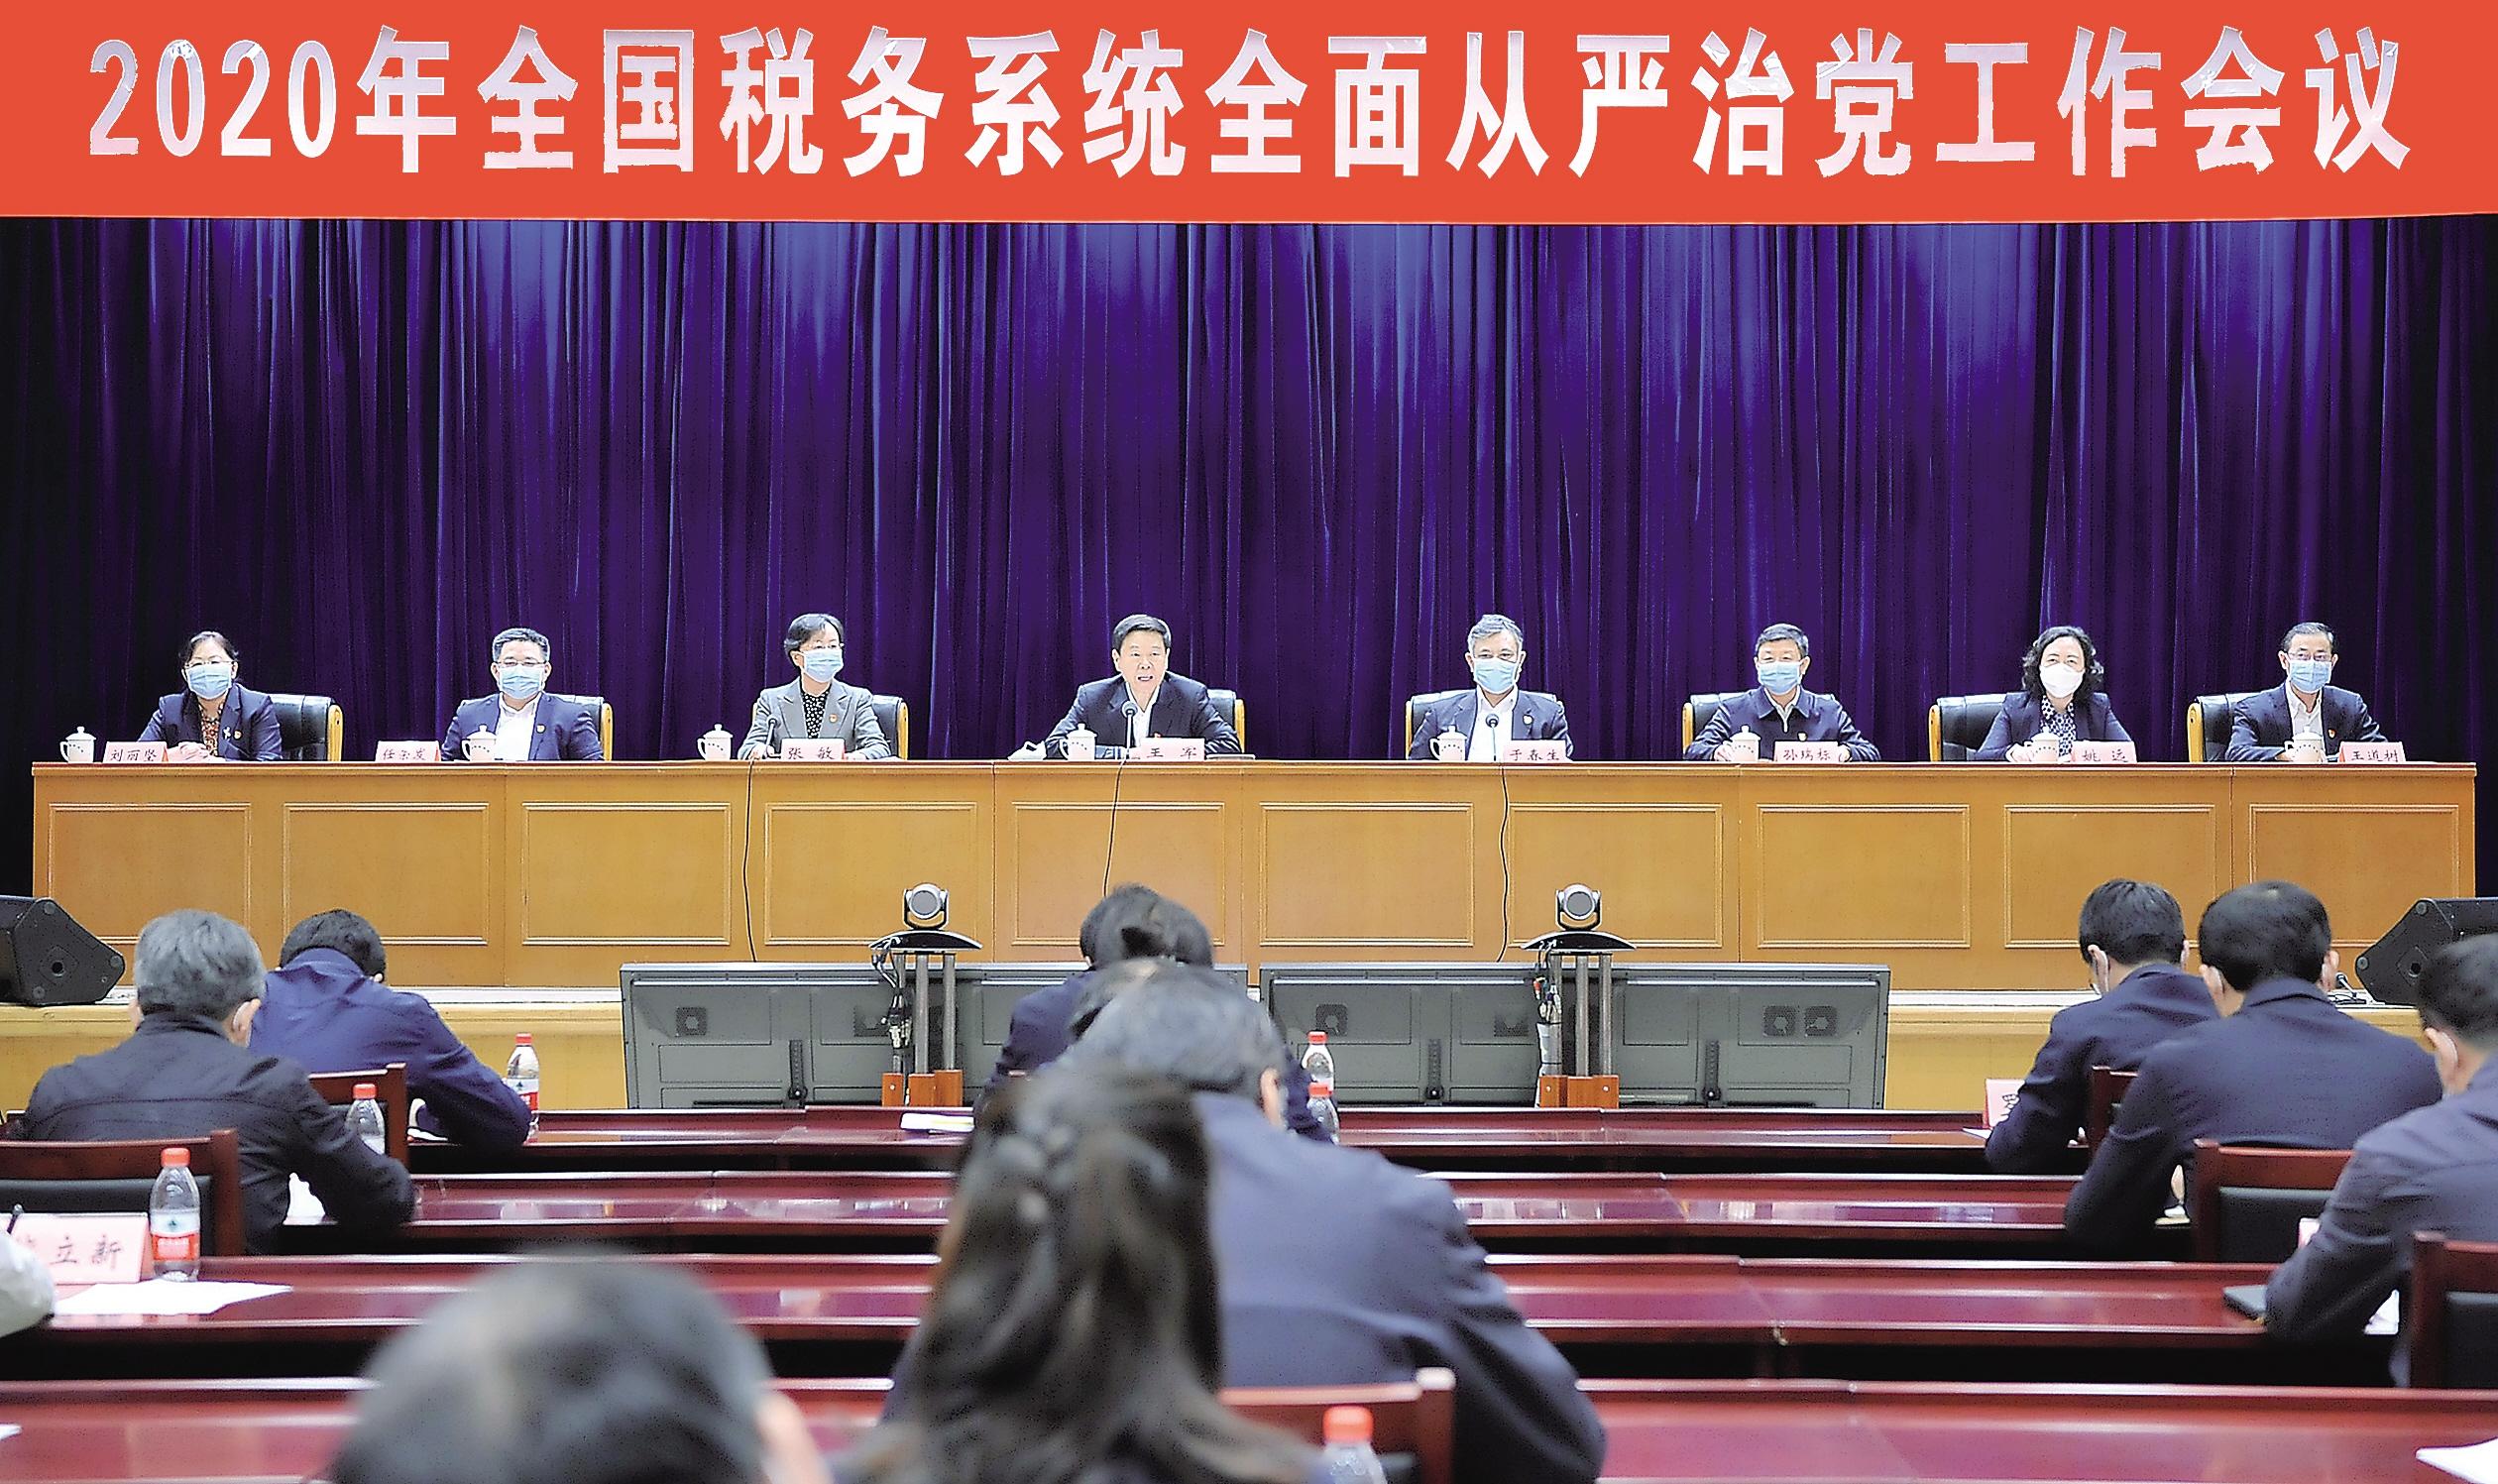 全国税务系统全面从严治党工作会议在京召开